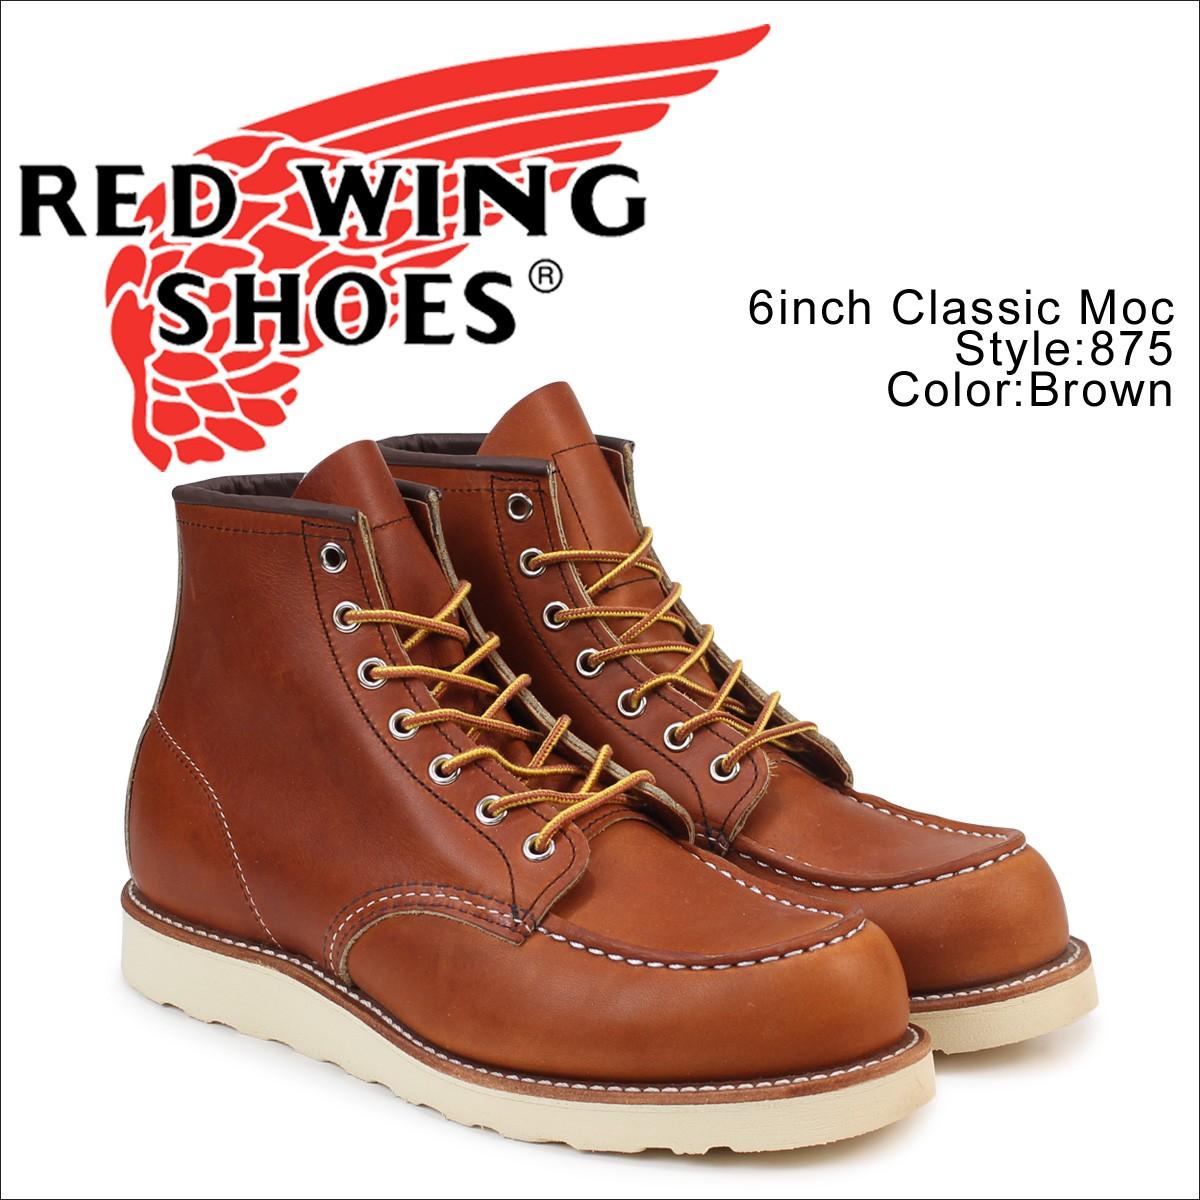 レッドウィング RED WING アイリッシュセッター ブーツ 6INCH CLASSIC MOC 6インチ クラシック モック Dワイズ 875 レッドウイング メンズ